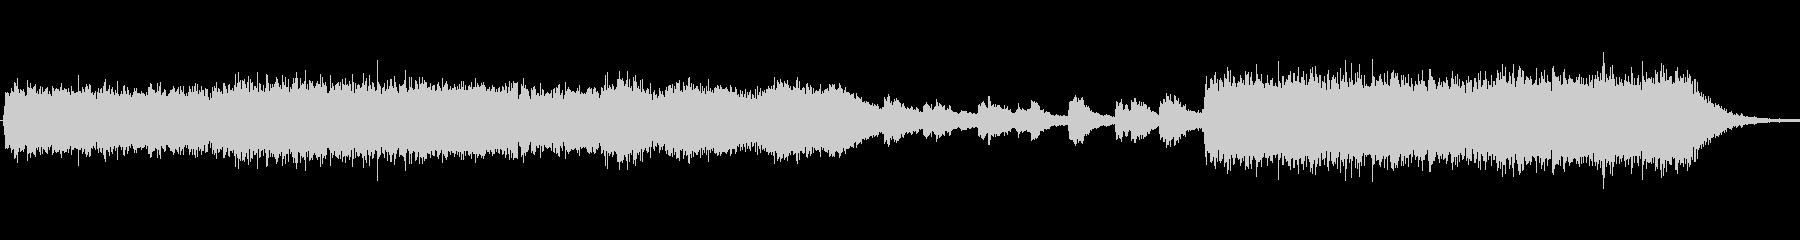 伝統的な中東の音楽。ドキュメンタリ...の未再生の波形